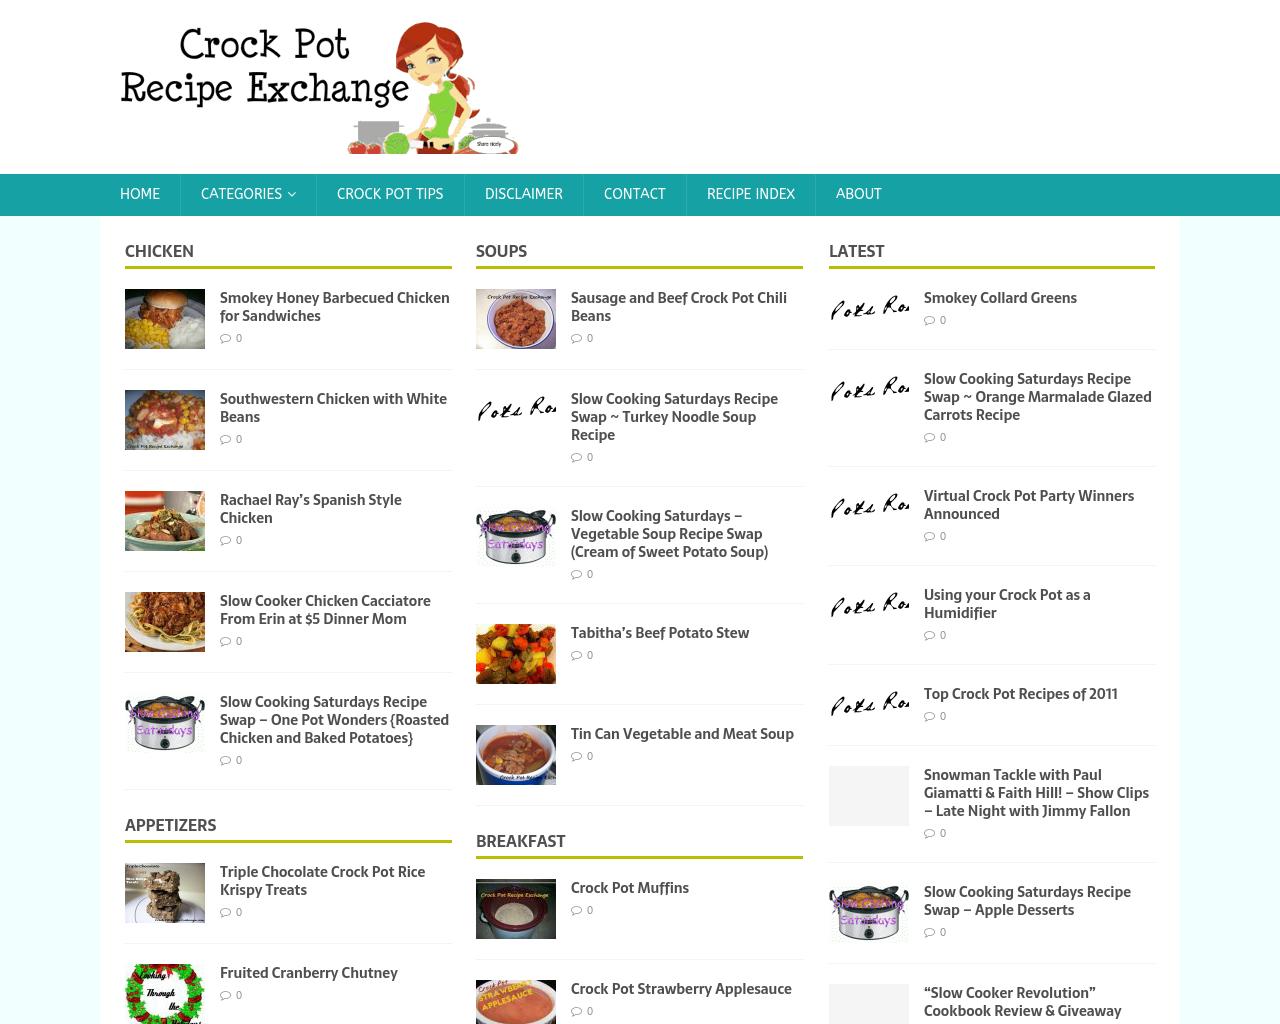 Crock-Pot-Recipe-Exchange-Advertising-Reviews-Pricing